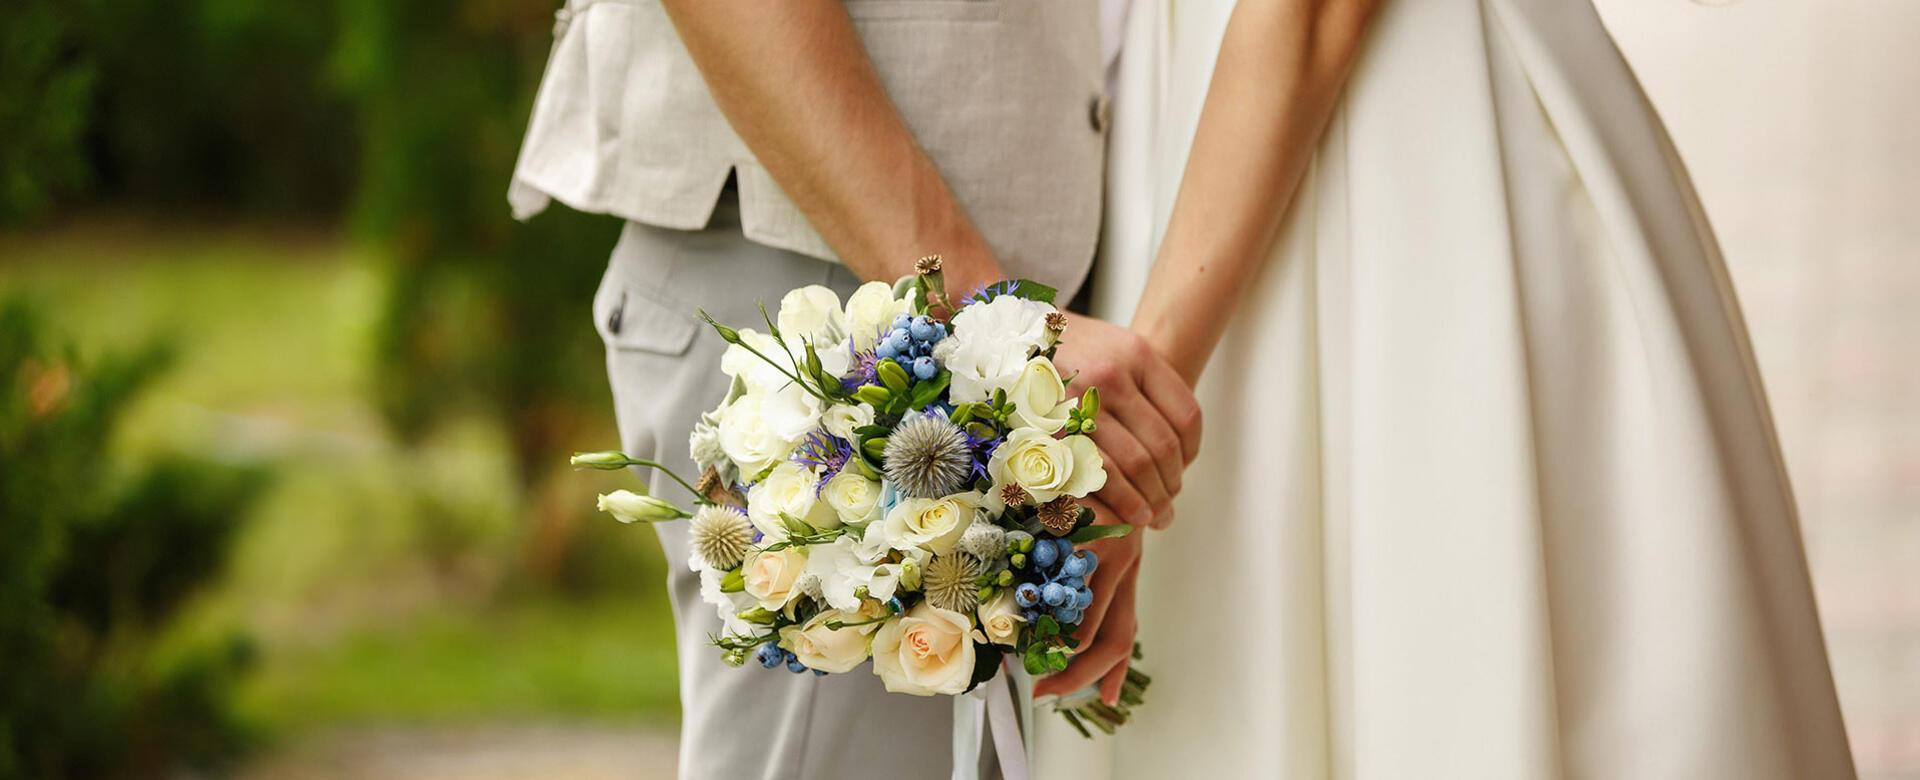 hotelvillaluisa en wedding 003